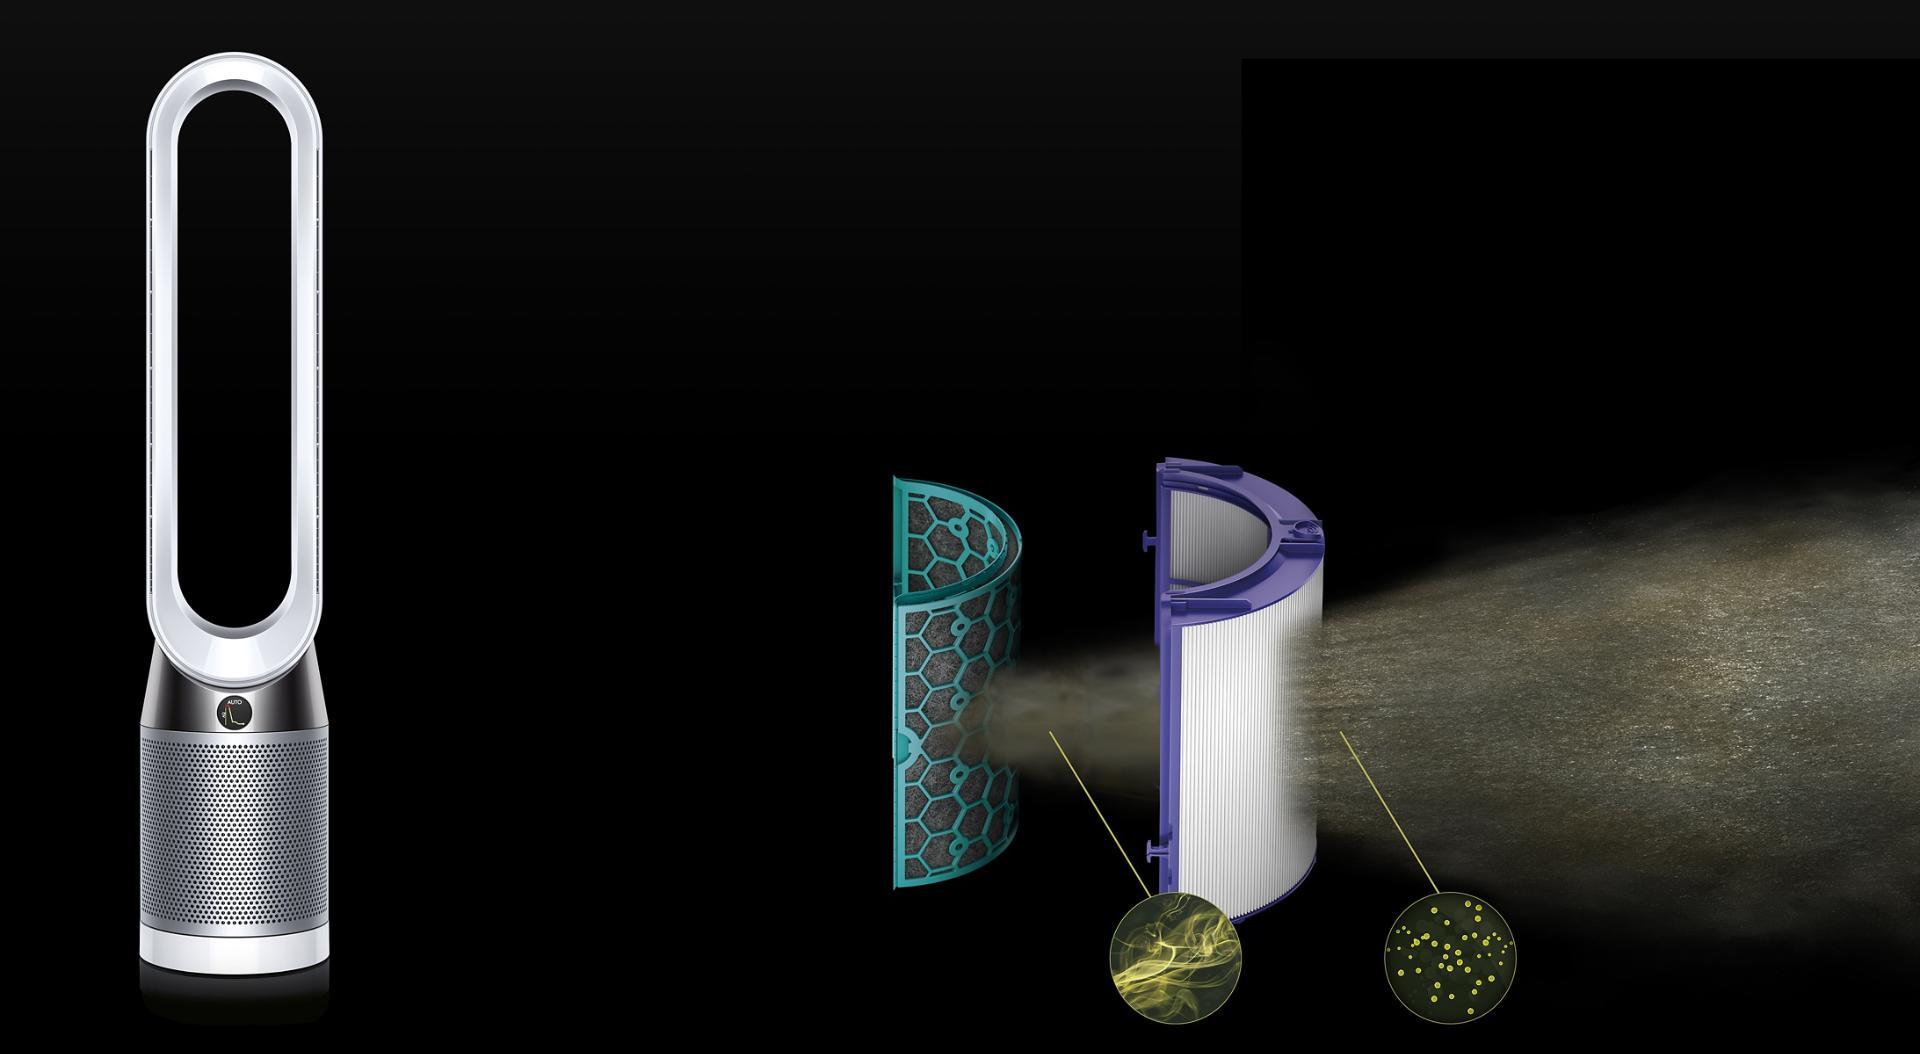 ภาพตัดขวางของระบบการกรองของพัดลมกรองอากาศ Dyson